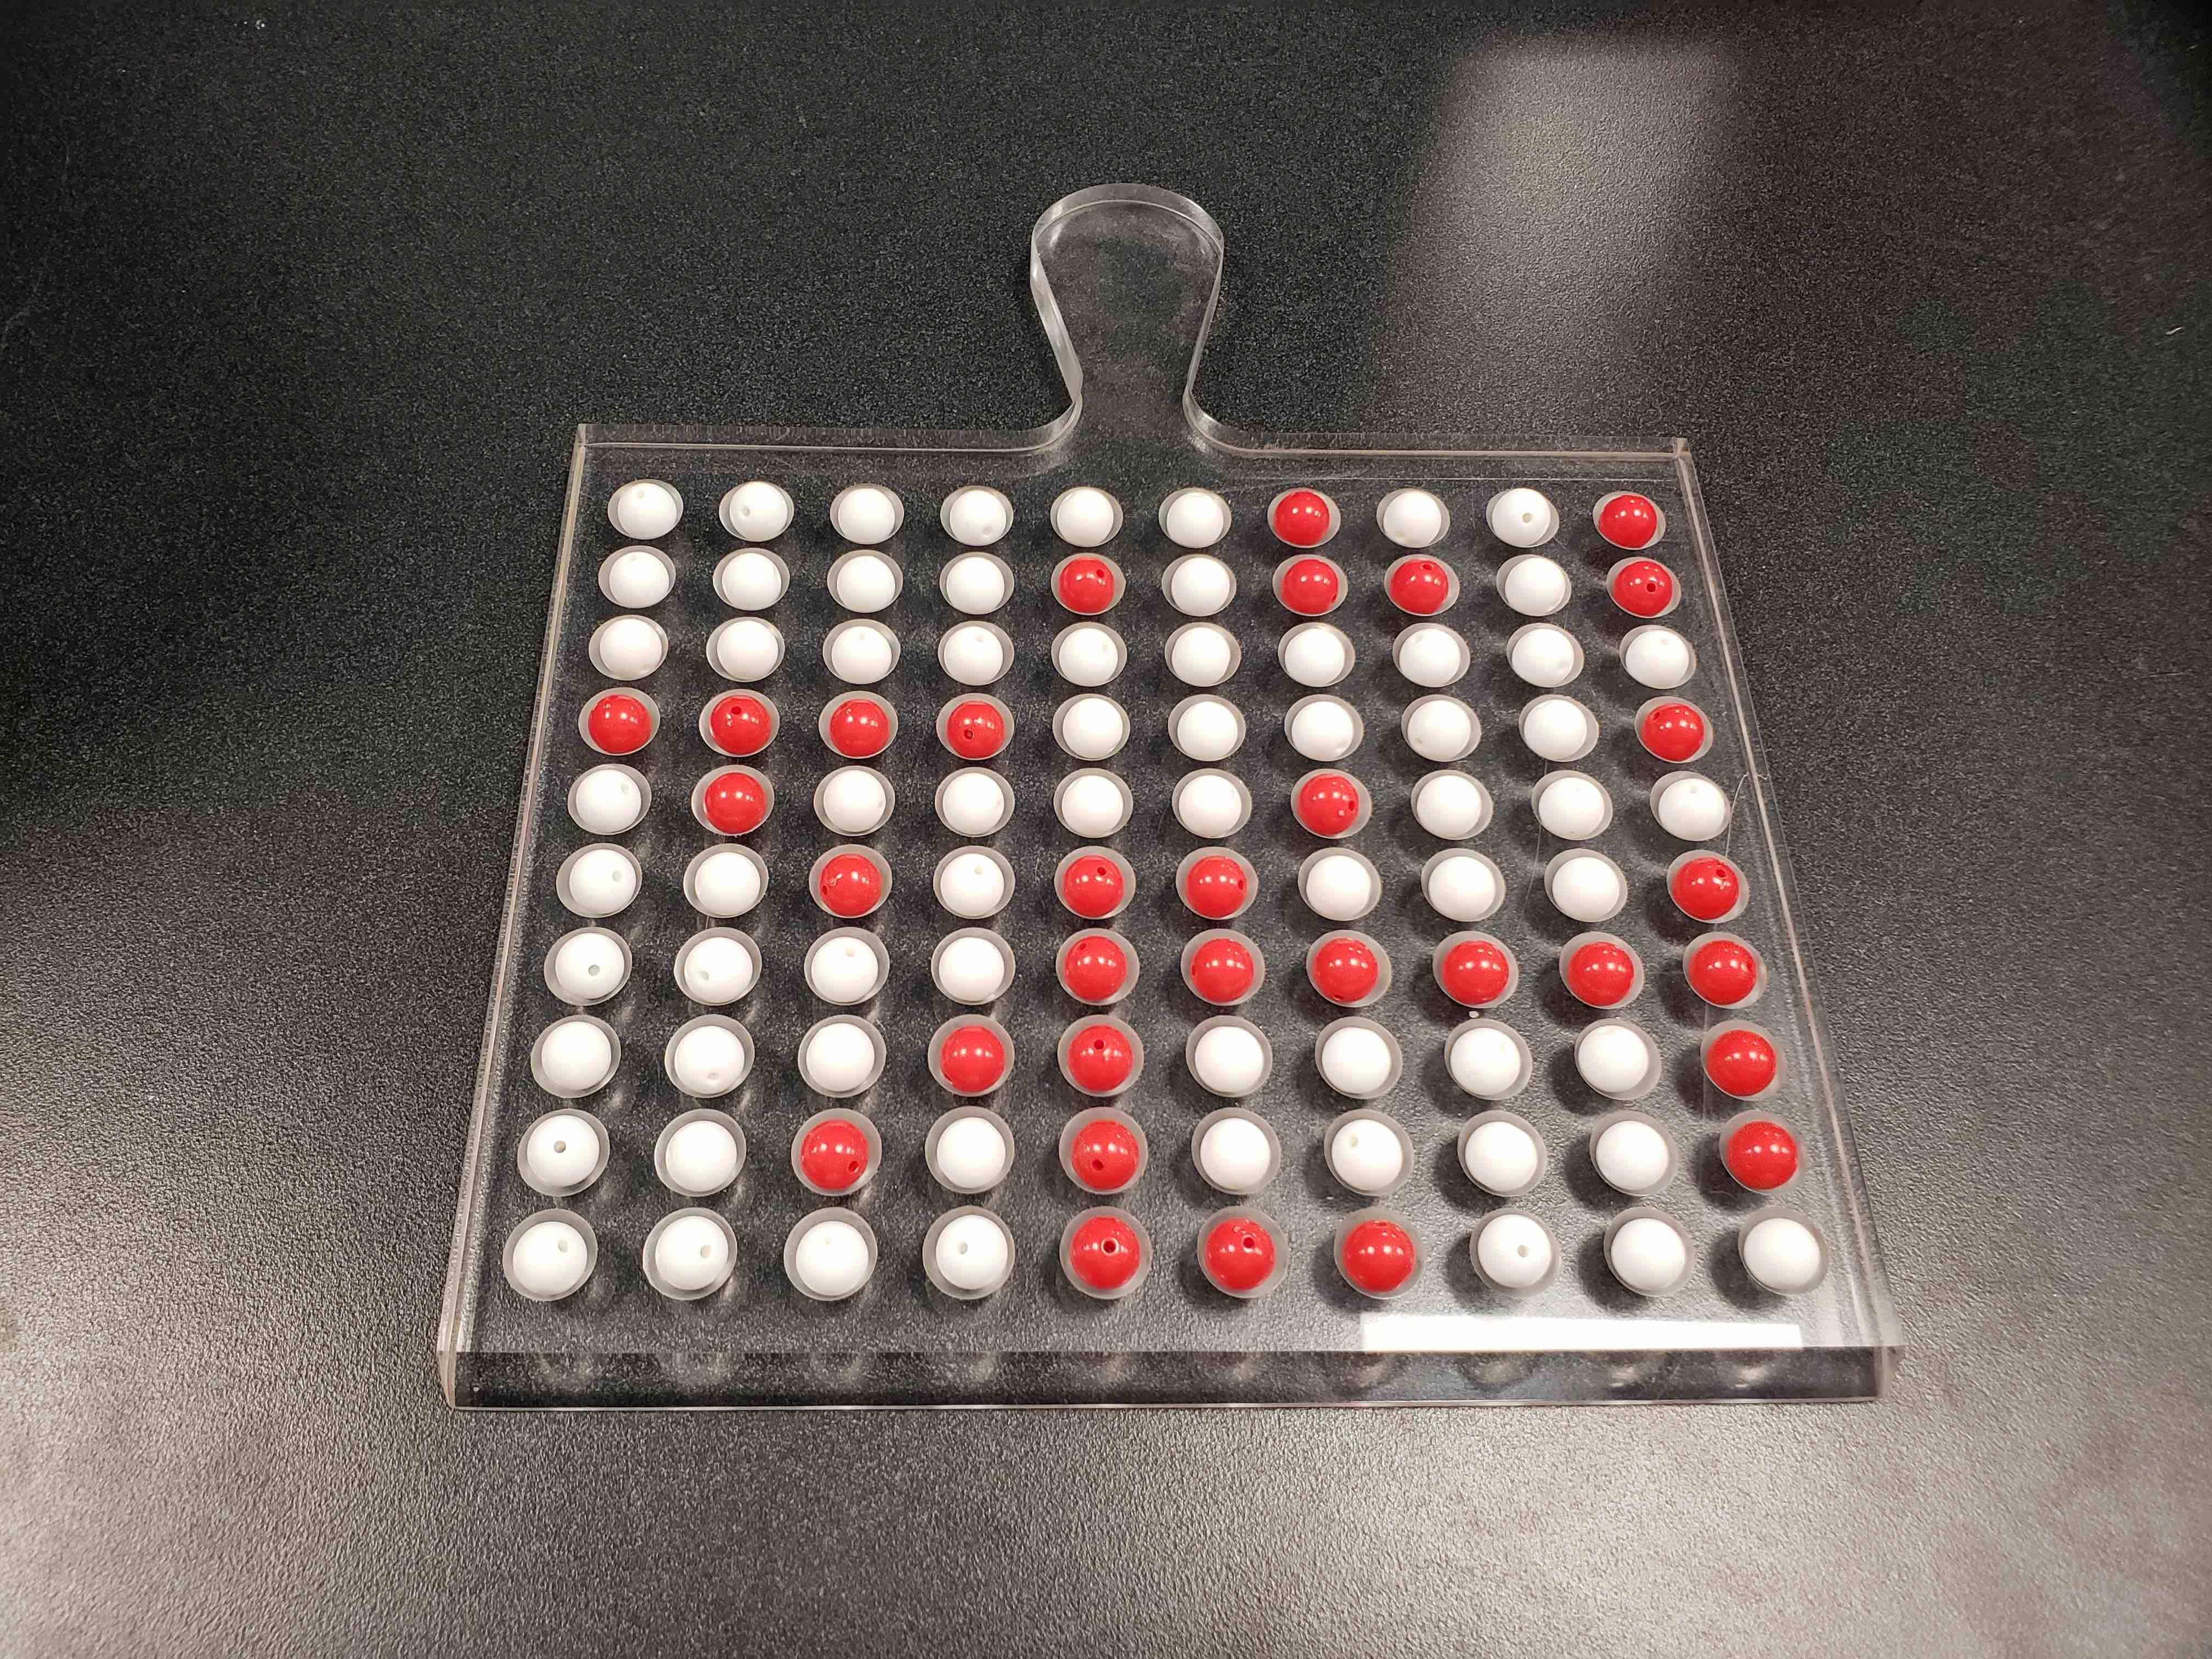 Tactile shovel for sampling n = 100 balls